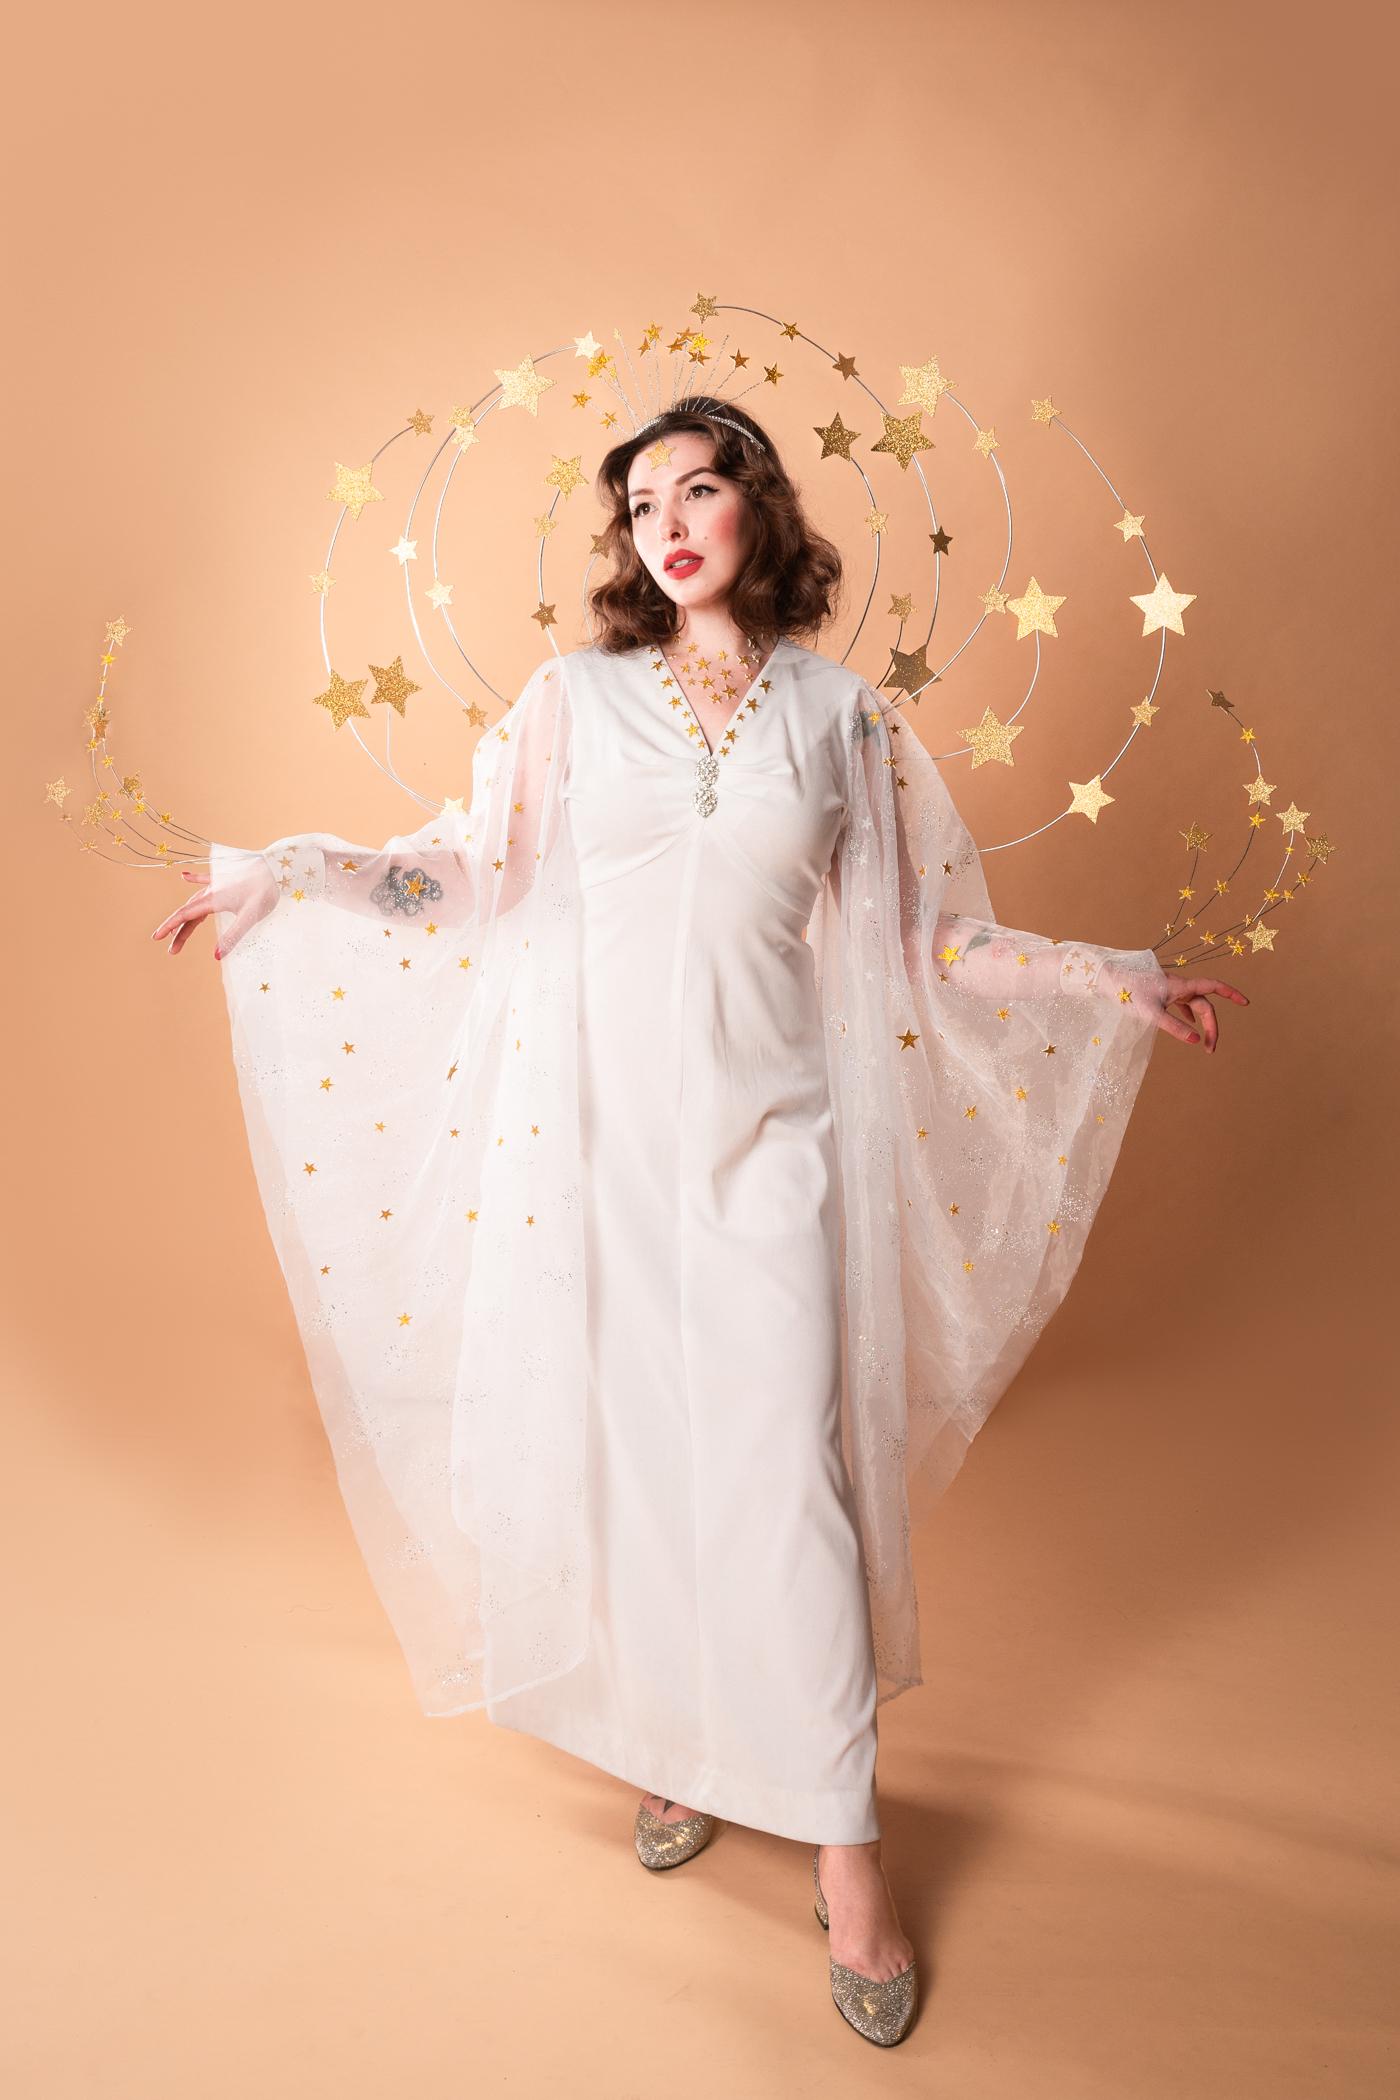 Keiko Lynn in a Ziegfeld Girl costume inspired by Hedy Lamarr